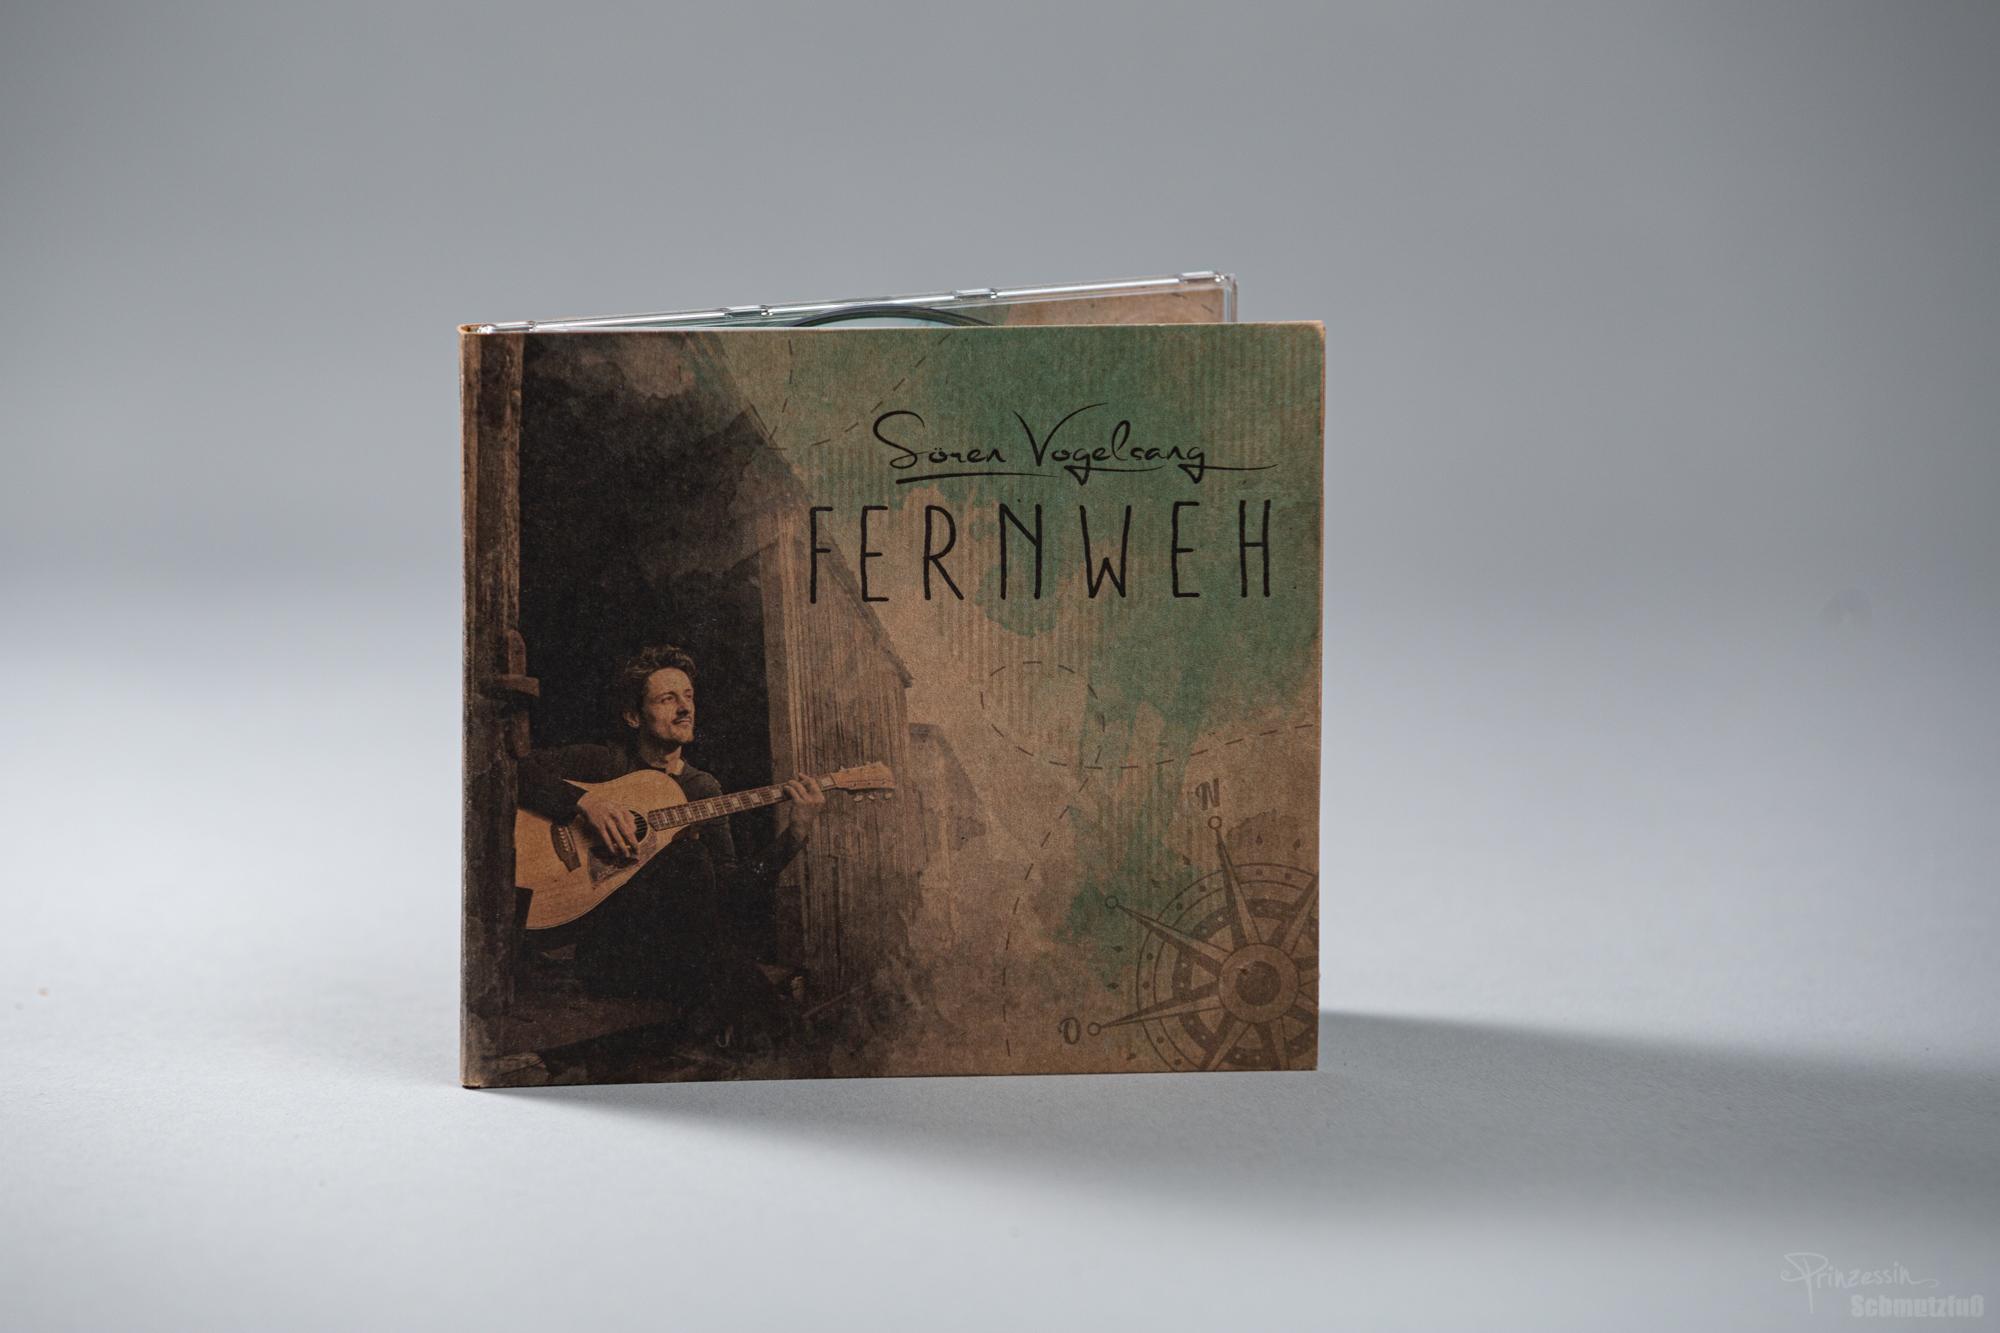 CD-Gestaltung | Fotoretusche | Sören Vogelsang Fernweh